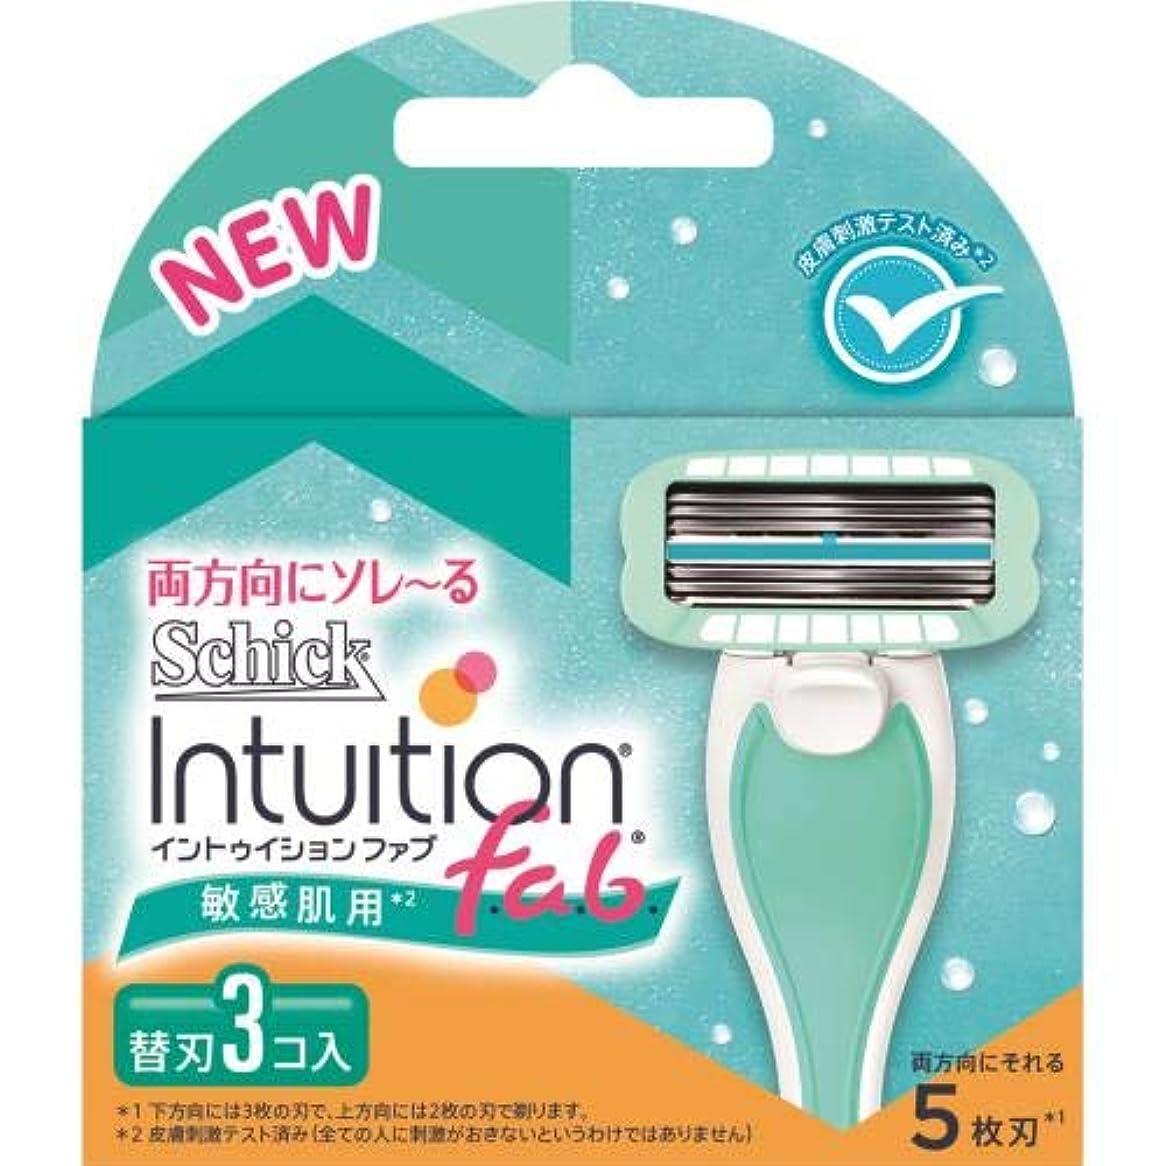 発行速度ミットシック?ジャパン イントゥイション ファブ 替刃 敏感肌用 (3個入) 女性用カミソリ 4個セット